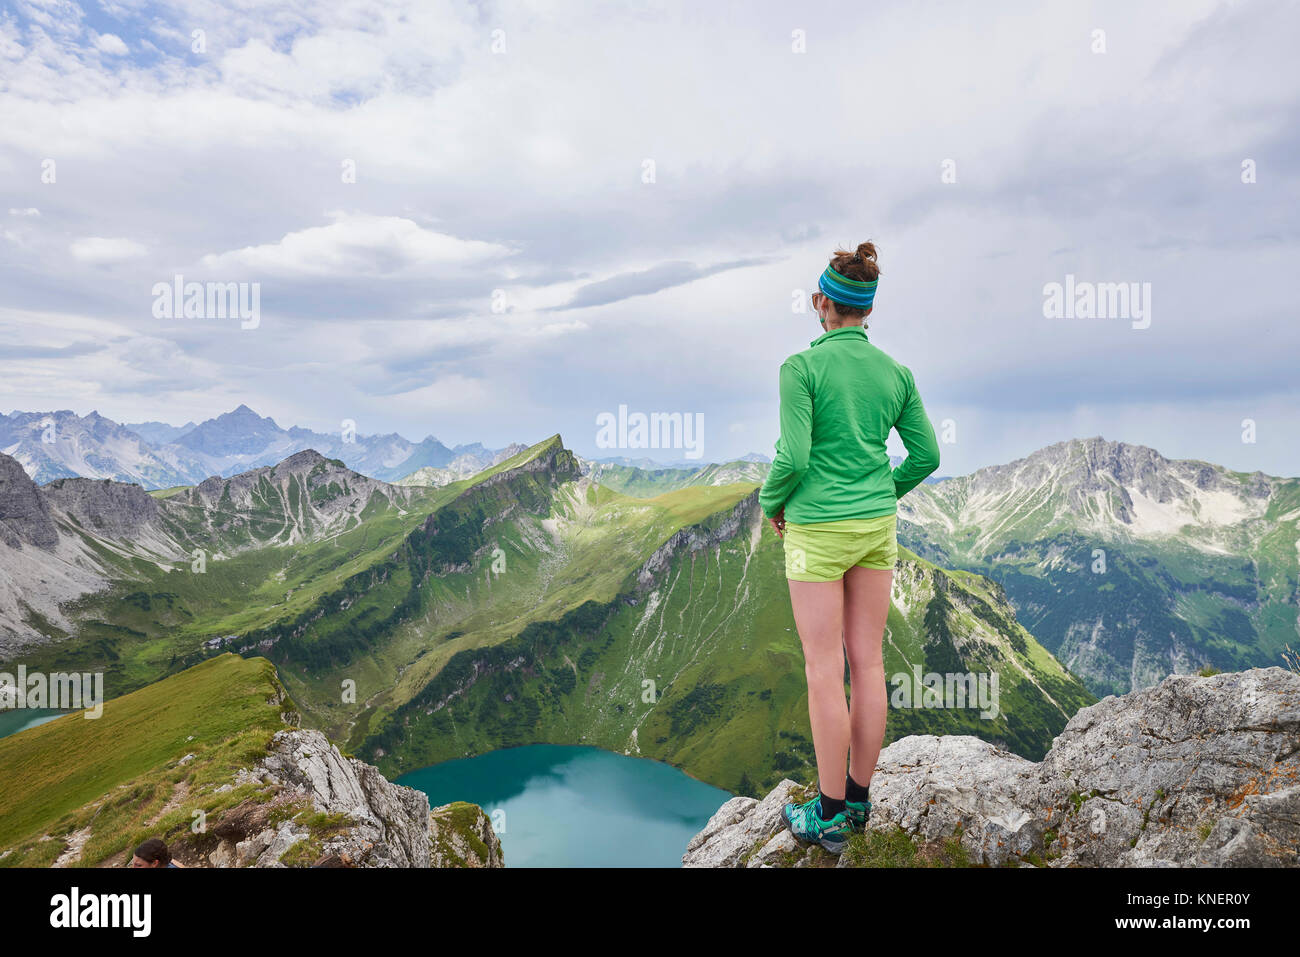 Vista posteriore di un escursionista femmina sul bordo roccioso affacciato su montagne di Tannheim, Tirolo, Austria Immagini Stock